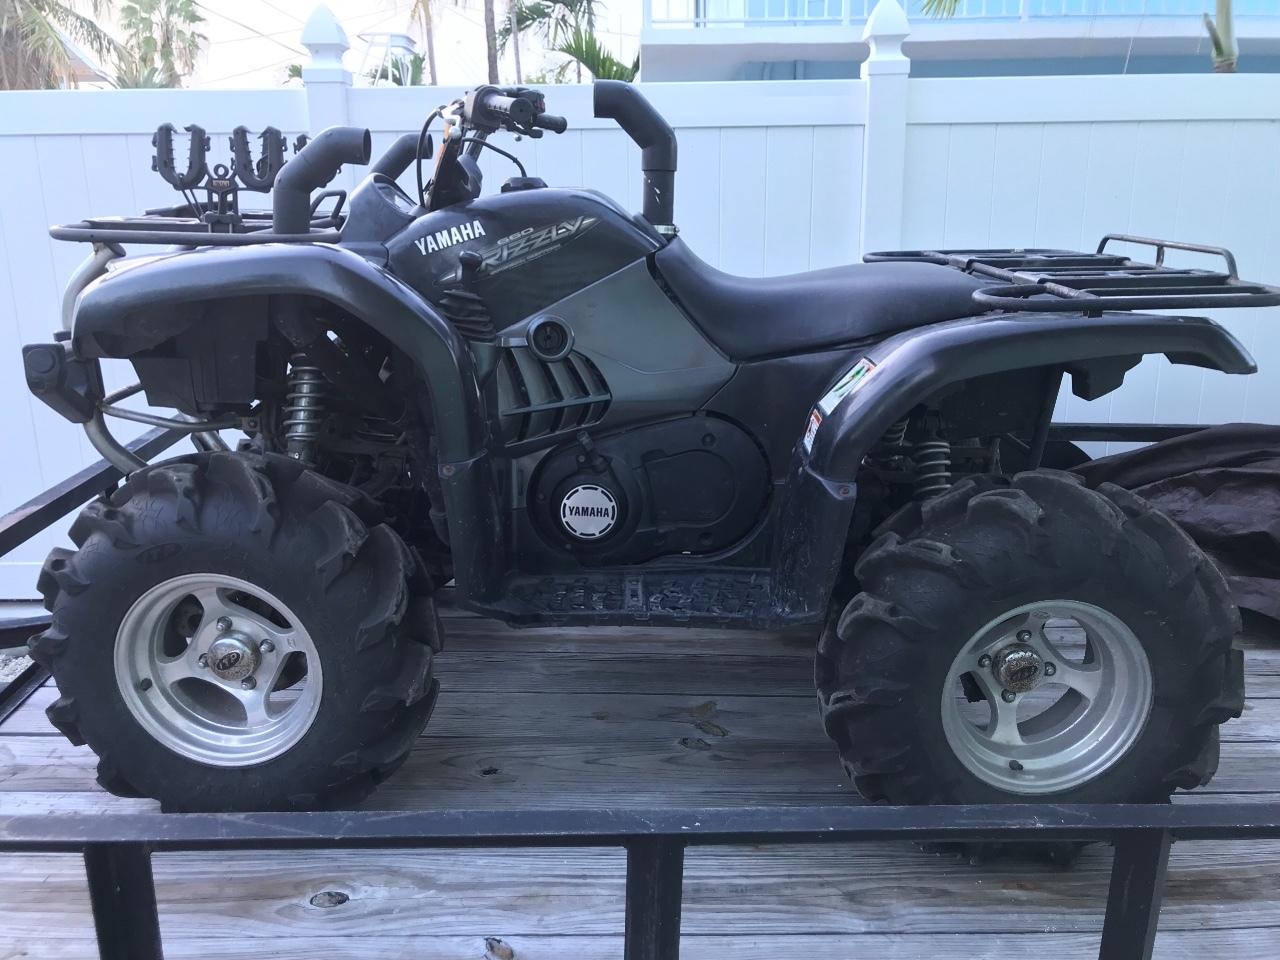 Florida - Used Yamaha For Sale - Yamaha ATVs - Snowmobile Trader